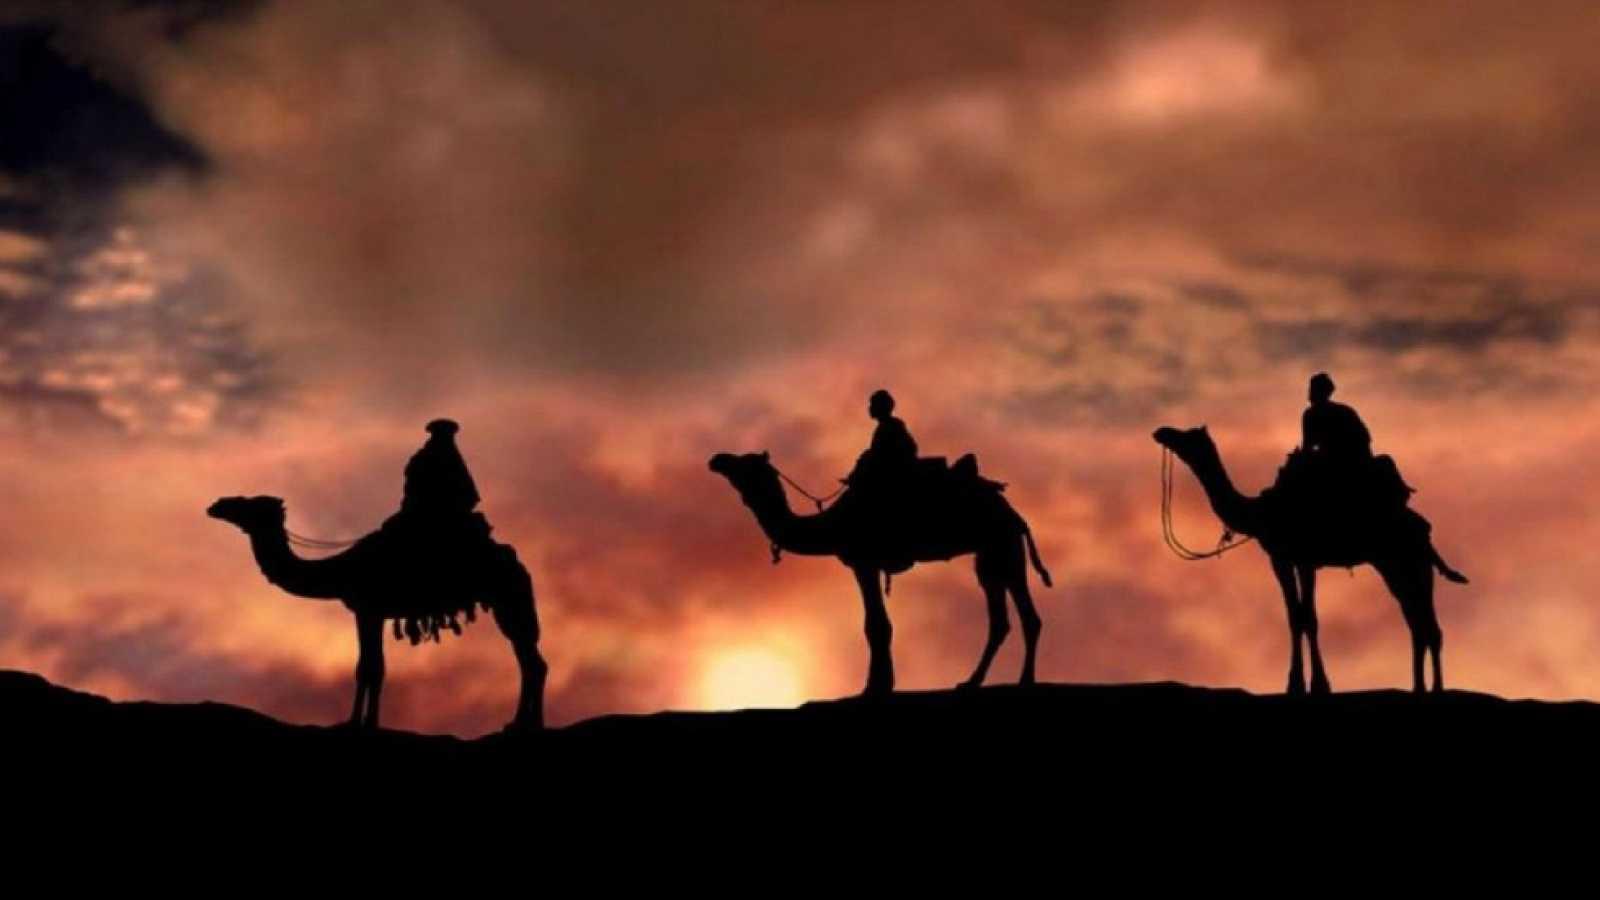 Felicitaciones De Navidad Con Los Reyes Magos.Los Reyes Magos De Oriente Llevaran La Magia Y La Ilusion A Millones De Hogares Espanoles